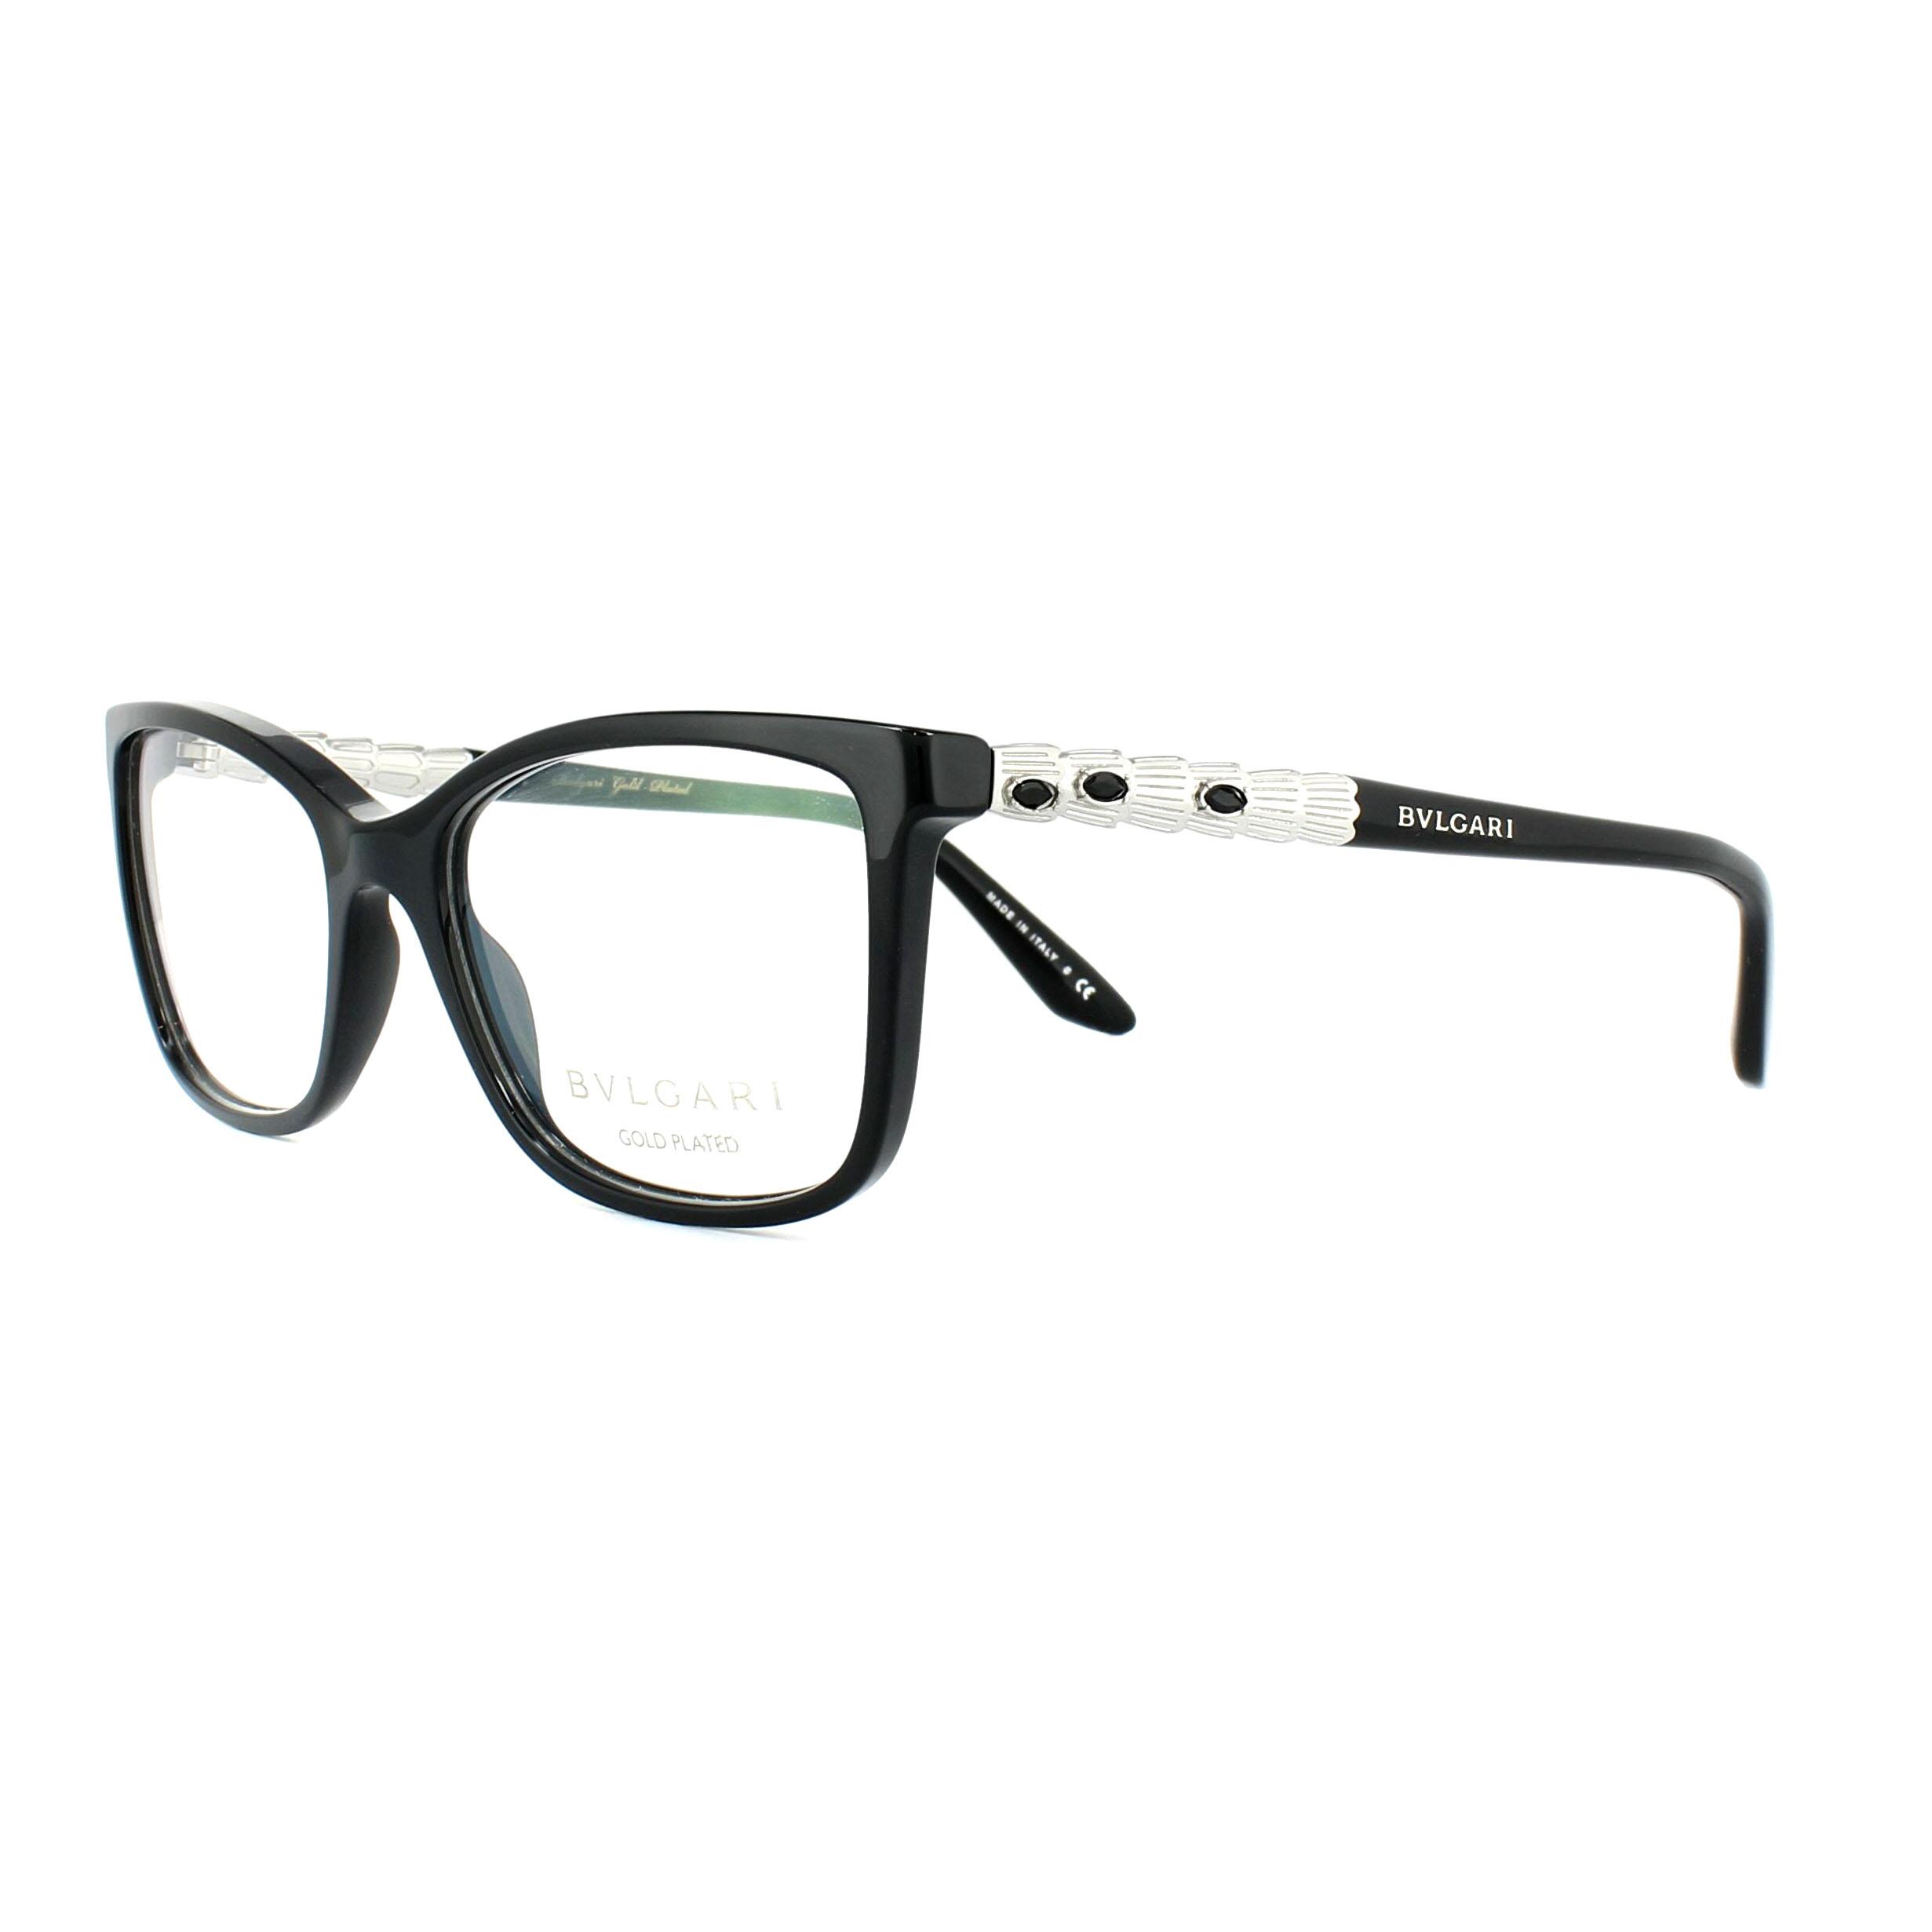 9e44de7f40ae Sentinel Bvlgari Glasses Frames 4130KB 5190 Black Silver 52mm Womens